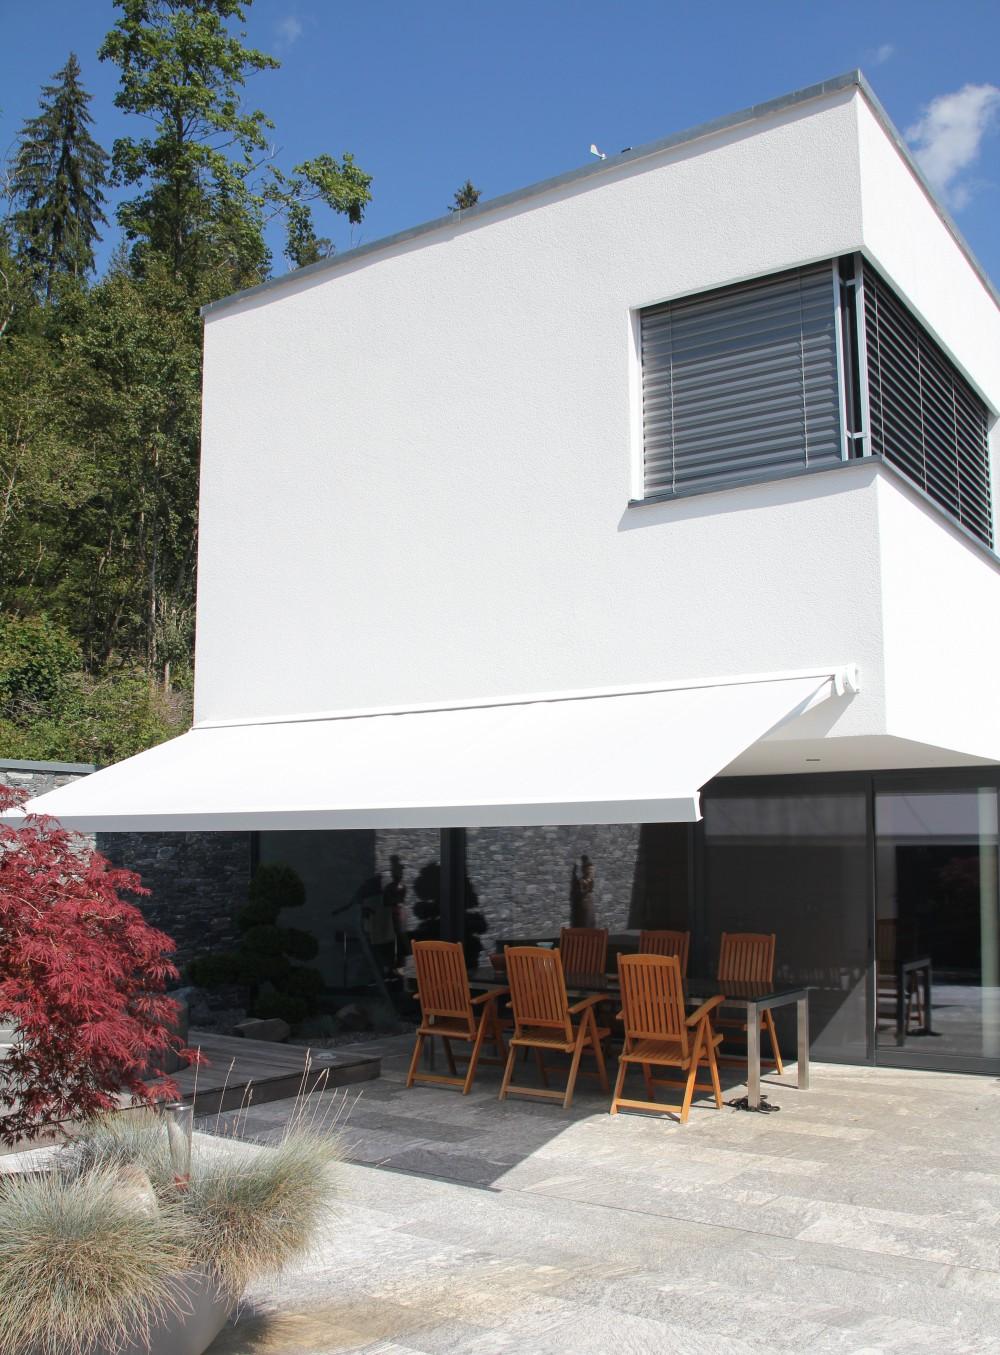 Villa-a-villeret-56-1344-7